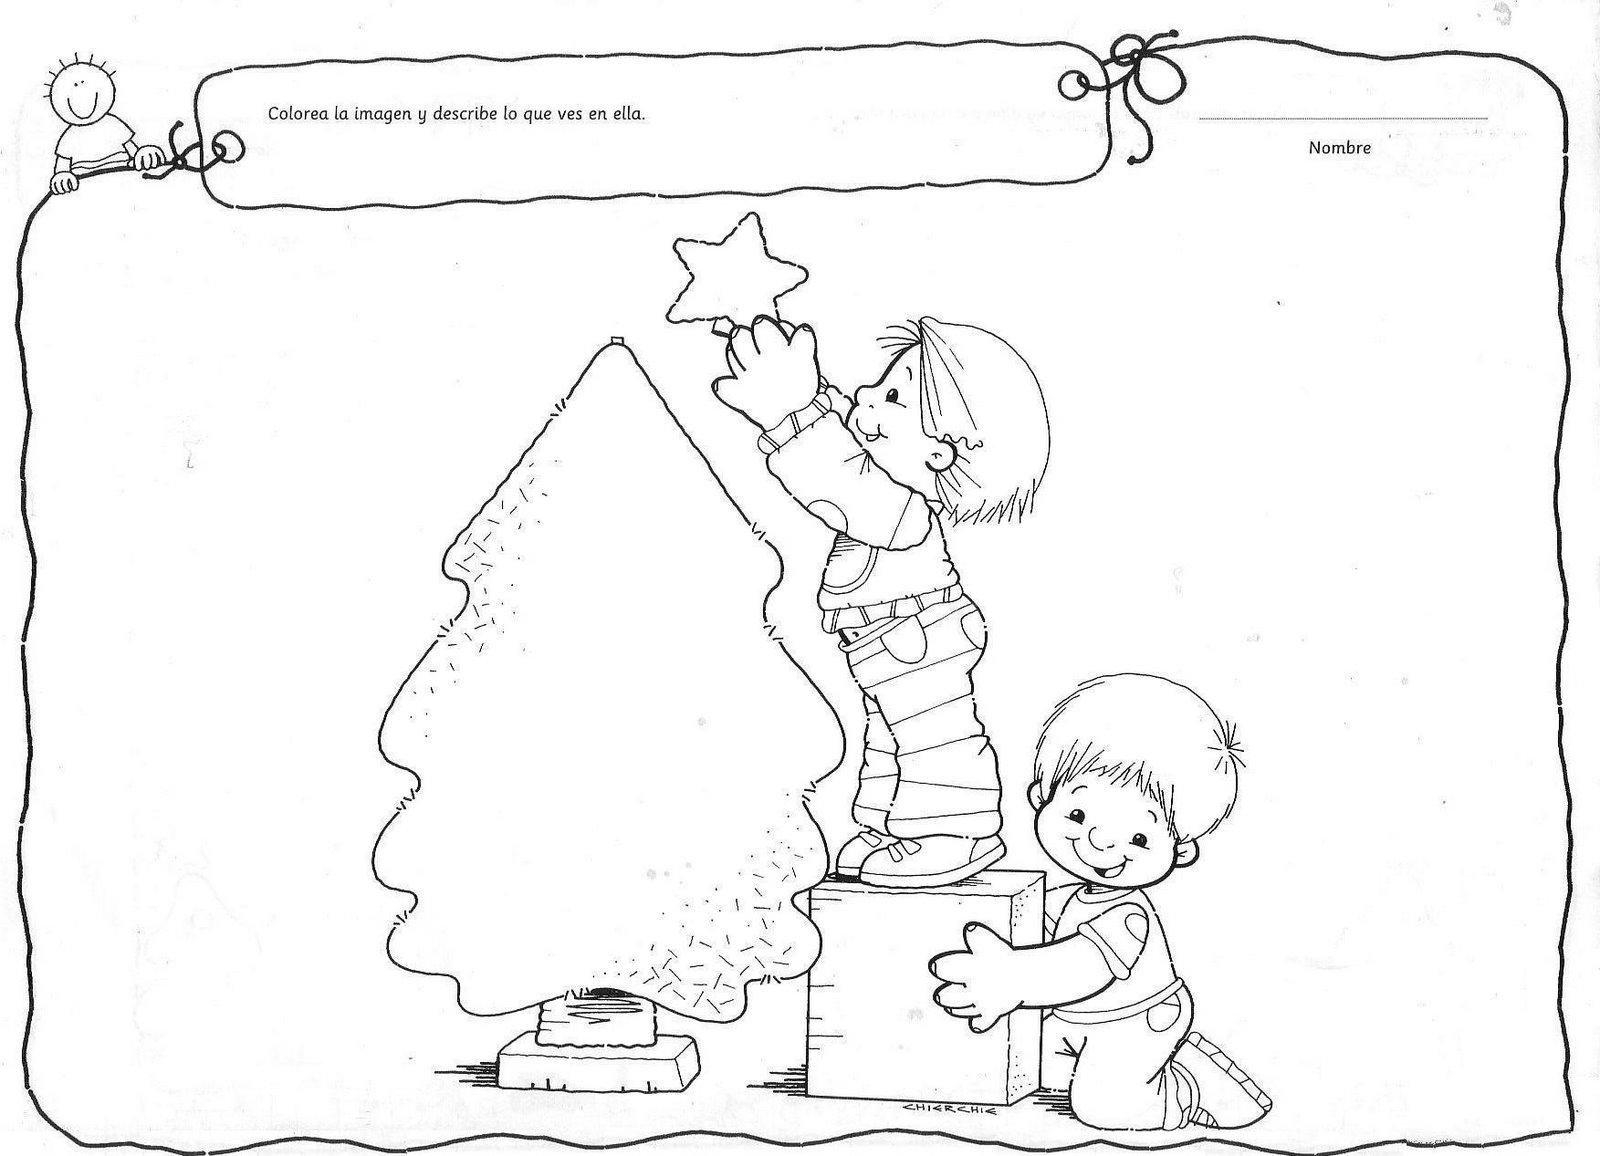 Fichas De Dibujos De Navidad.Ficha Para Pintar Y Describir De Navidad Fichas Para Pintar